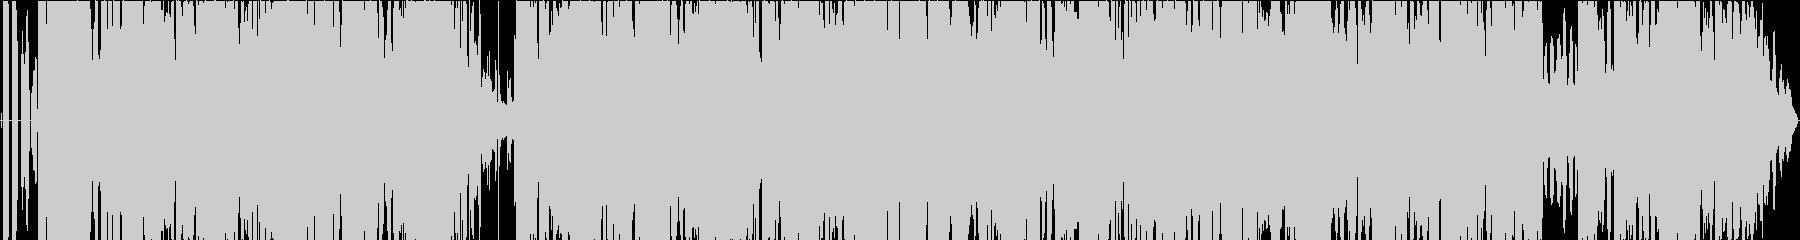 ゆったりしたピアノが特徴的なバラードの未再生の波形